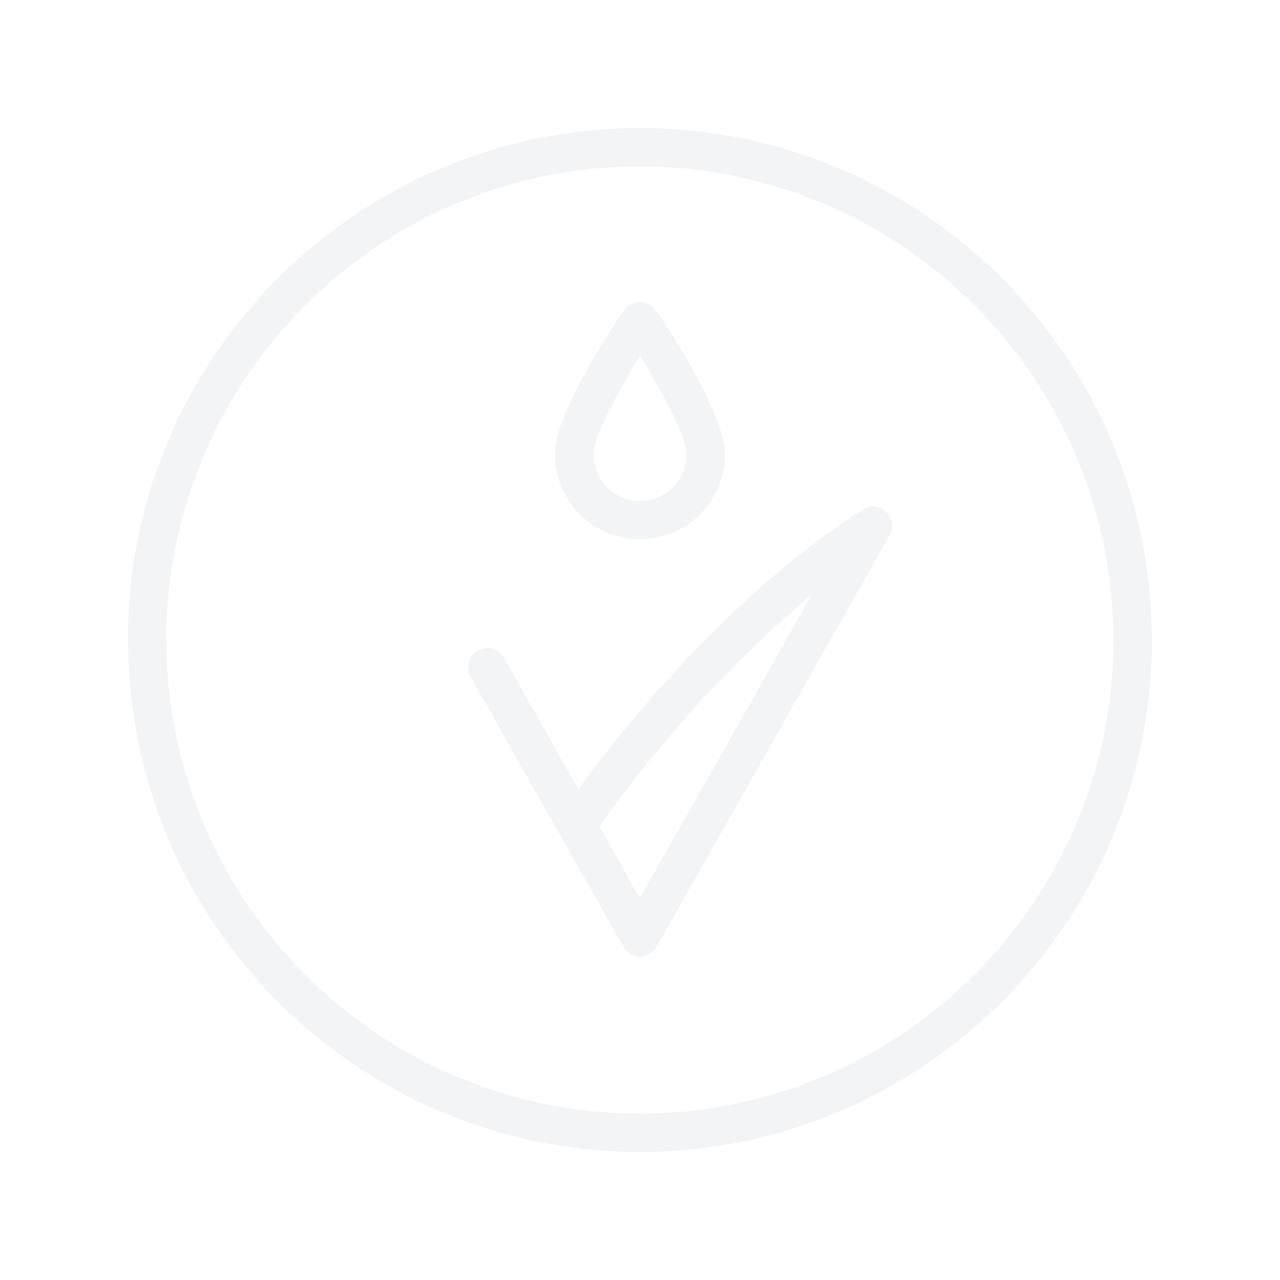 Natura Siberica Rhodiola Rosea Day Cream SPF20 50ml